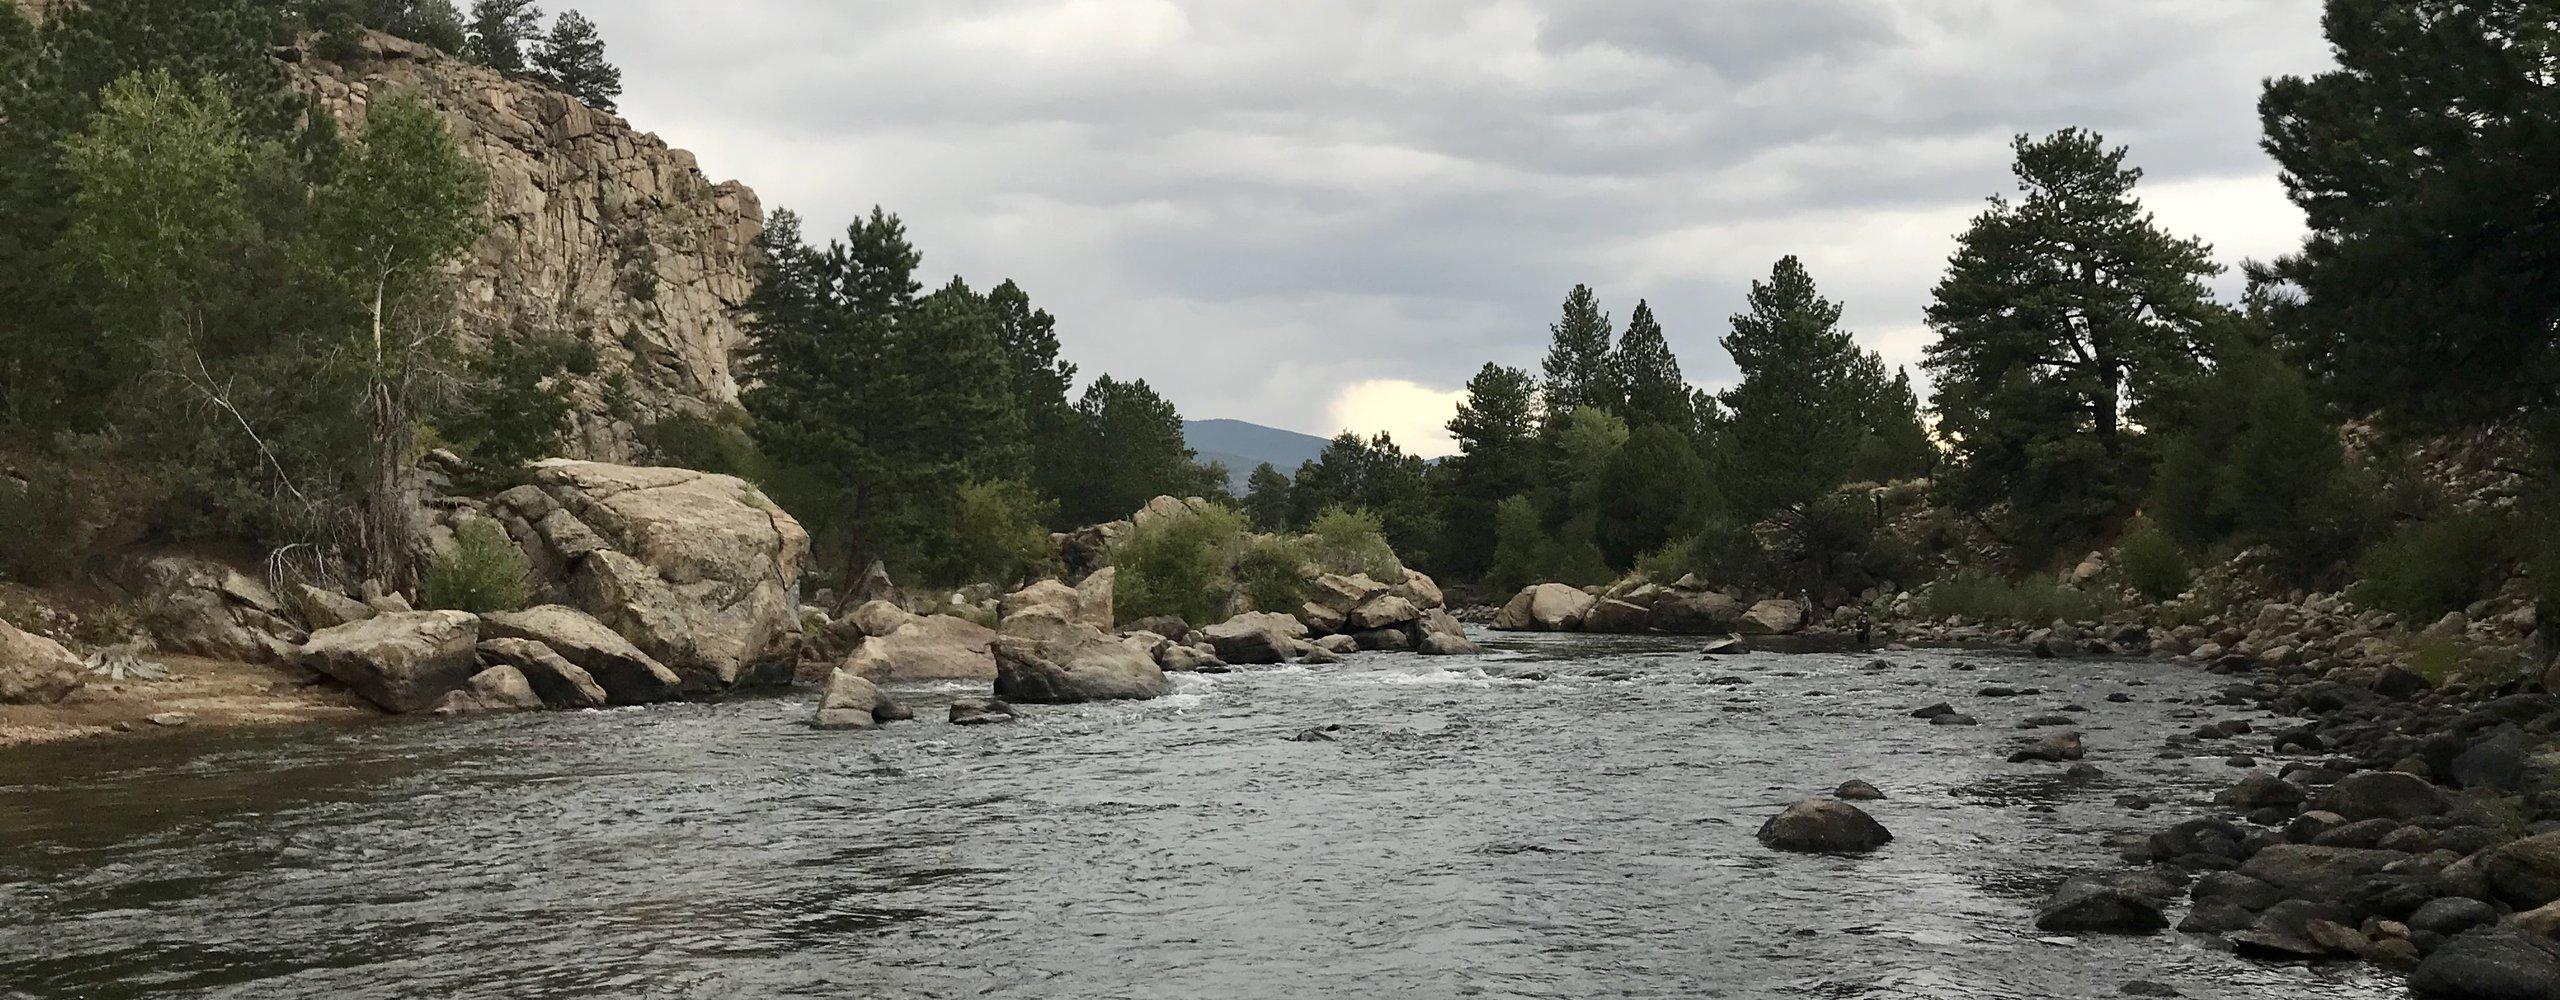 Upper Arkansas River Buena Vista